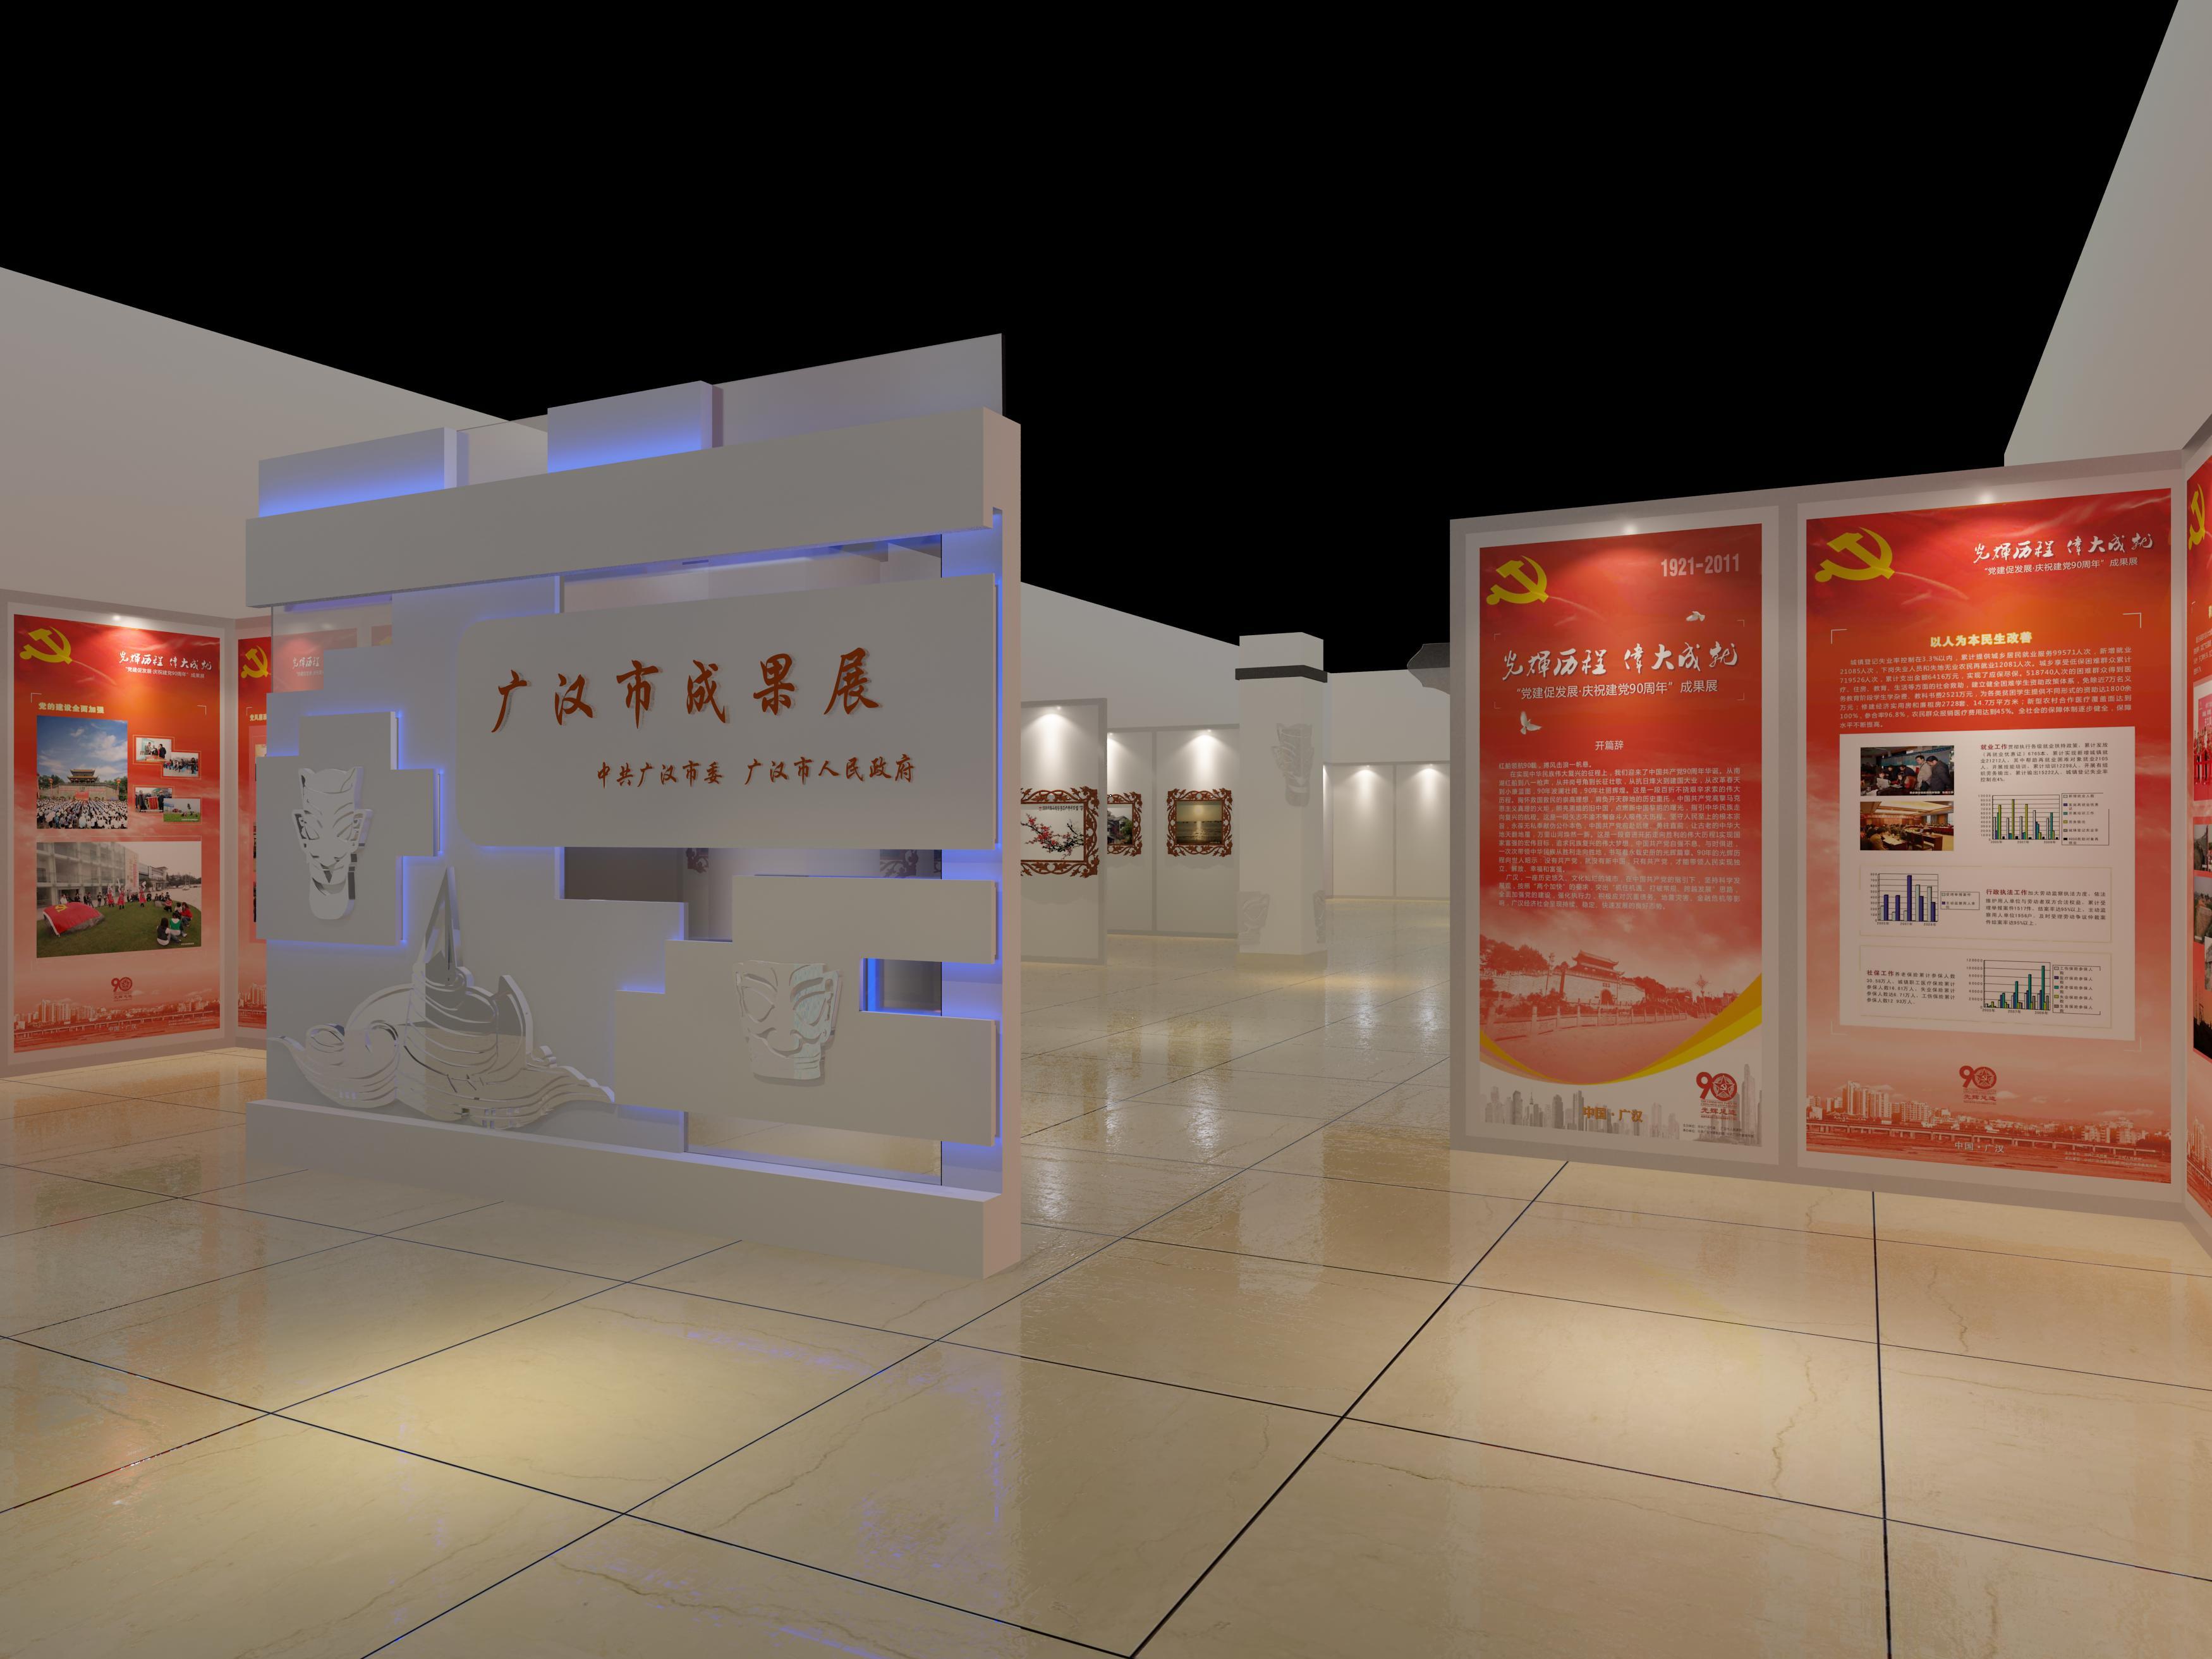 广汉成果展 展馆设计图片